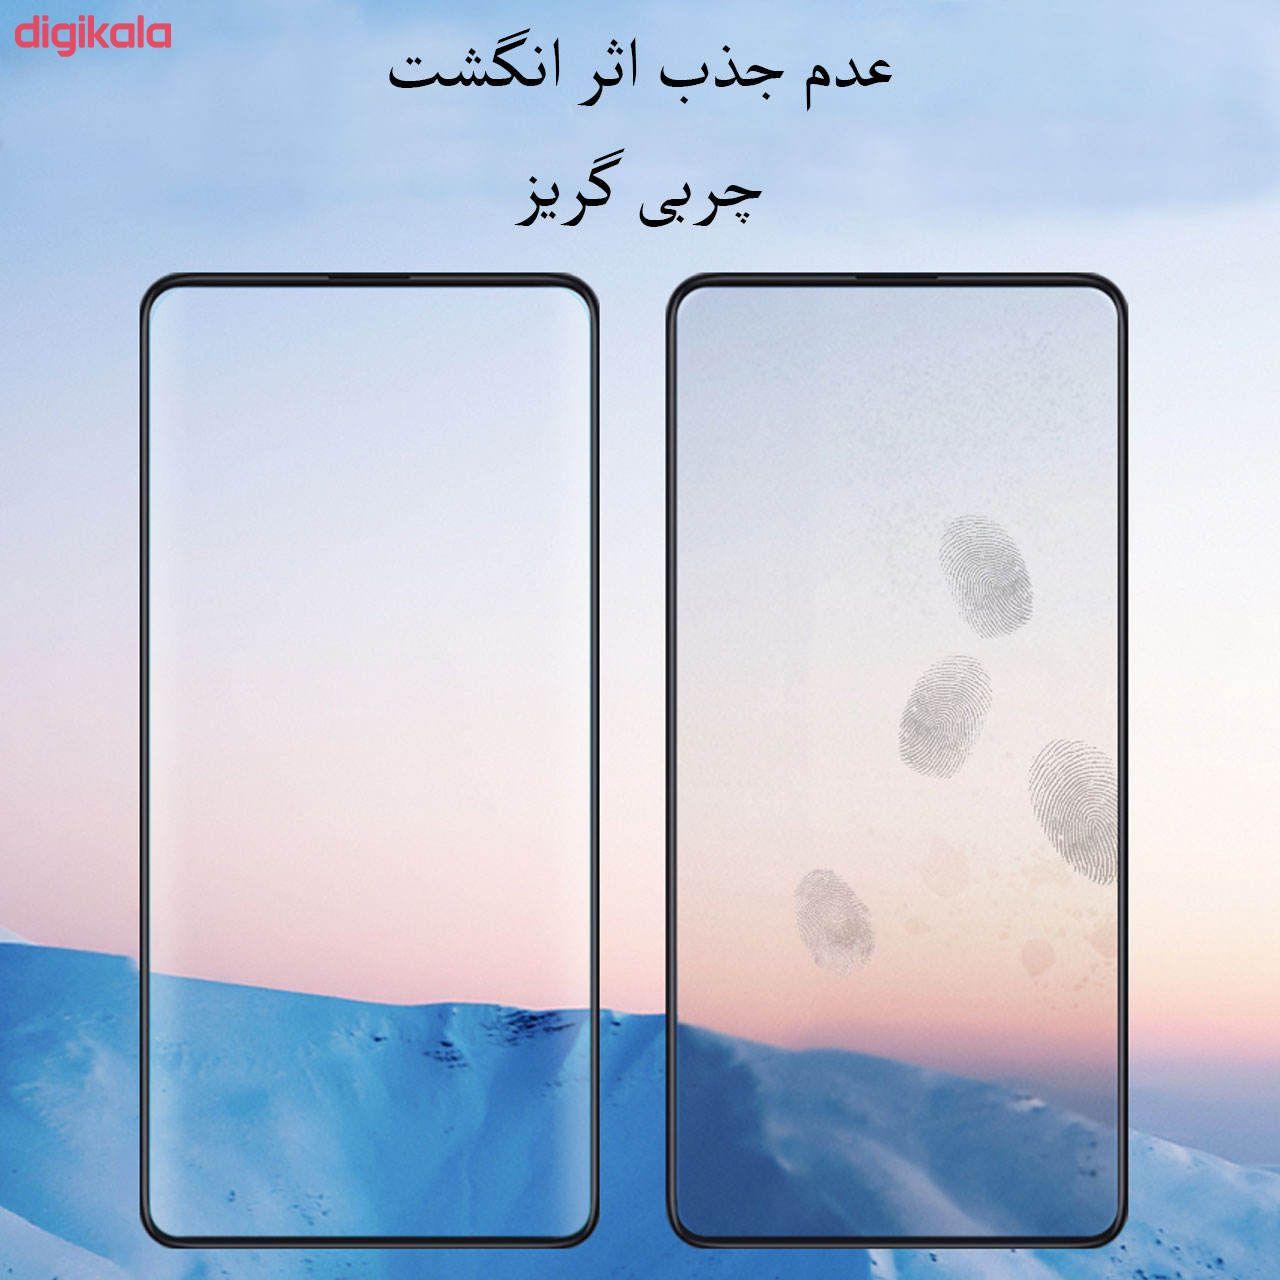 محافظ پشت گوشی شیپ مدل BKSH-01 مناسب برای گوشی موبایل سامسونگ Galaxy A71 main 1 14